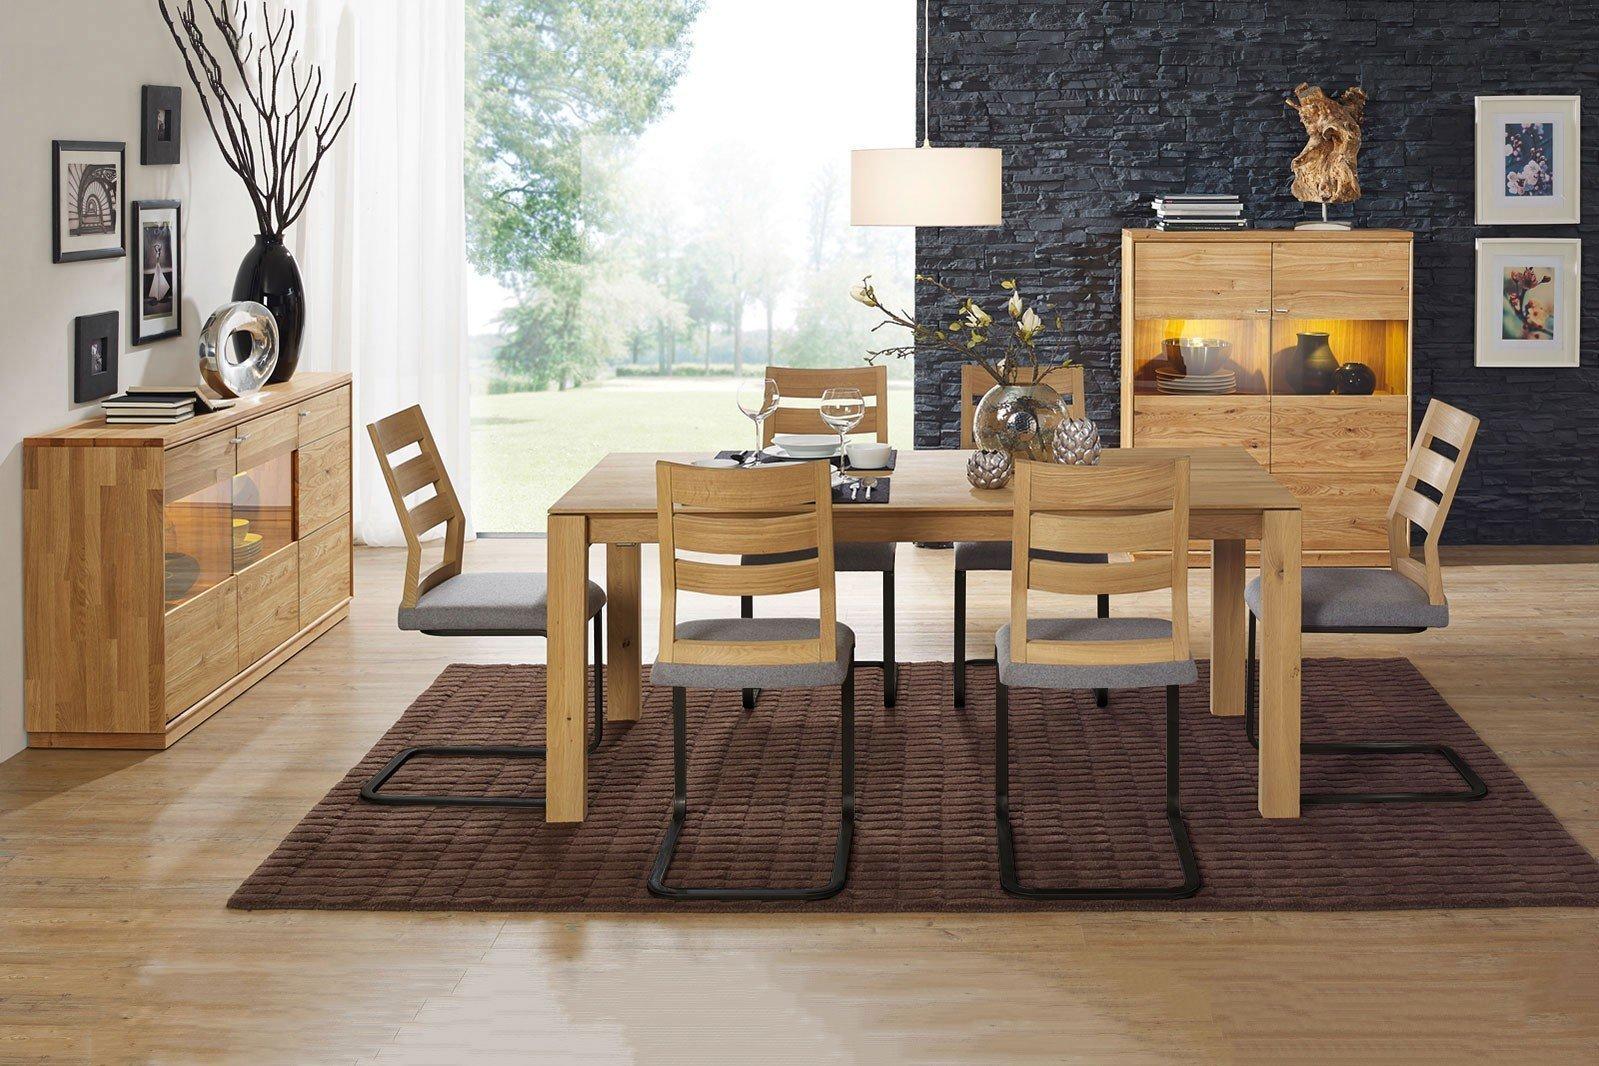 dudinger esszimmer alexandra eiche wildeiche natur m bel letz ihr online shop. Black Bedroom Furniture Sets. Home Design Ideas